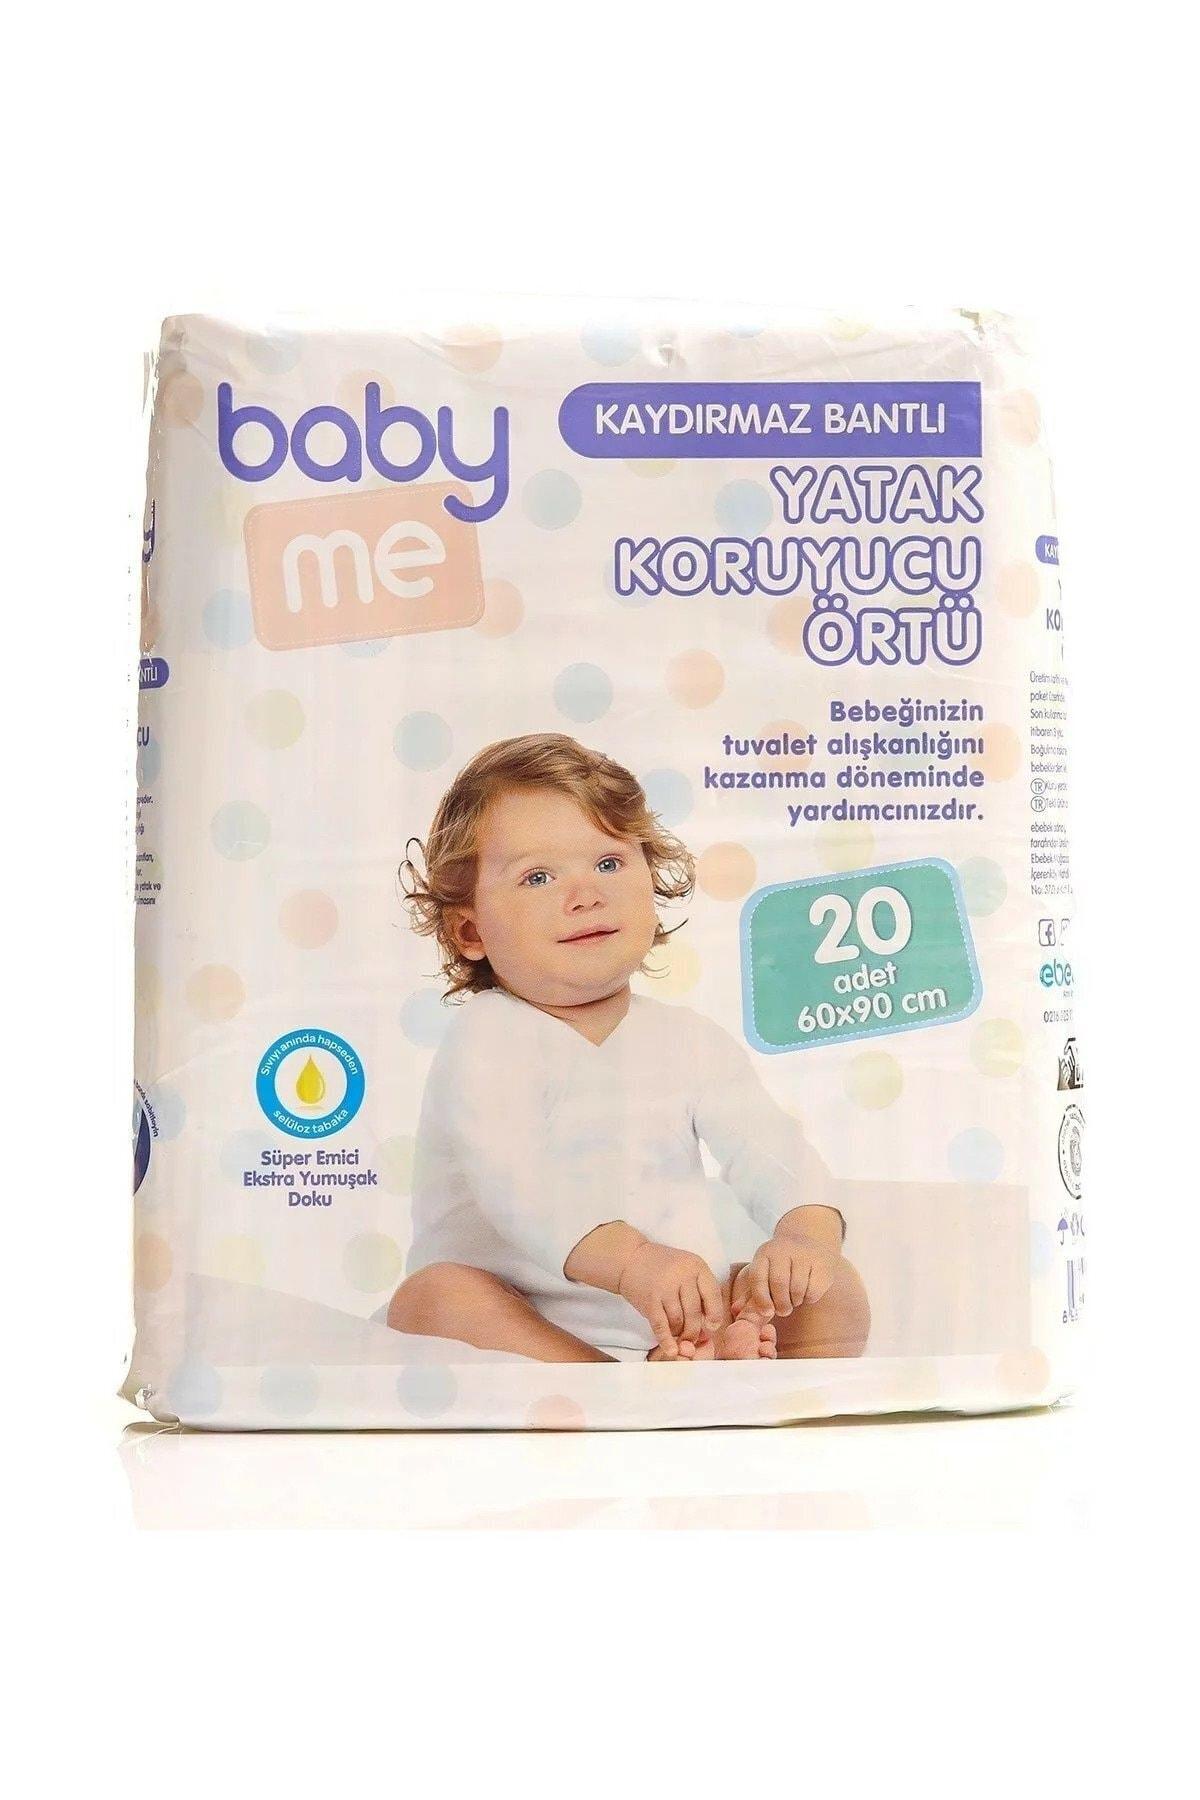 Baby&Me Kaydırmaz Bantlı Yatak Koruyucu Örtü 60x90 cm 20 adet 1